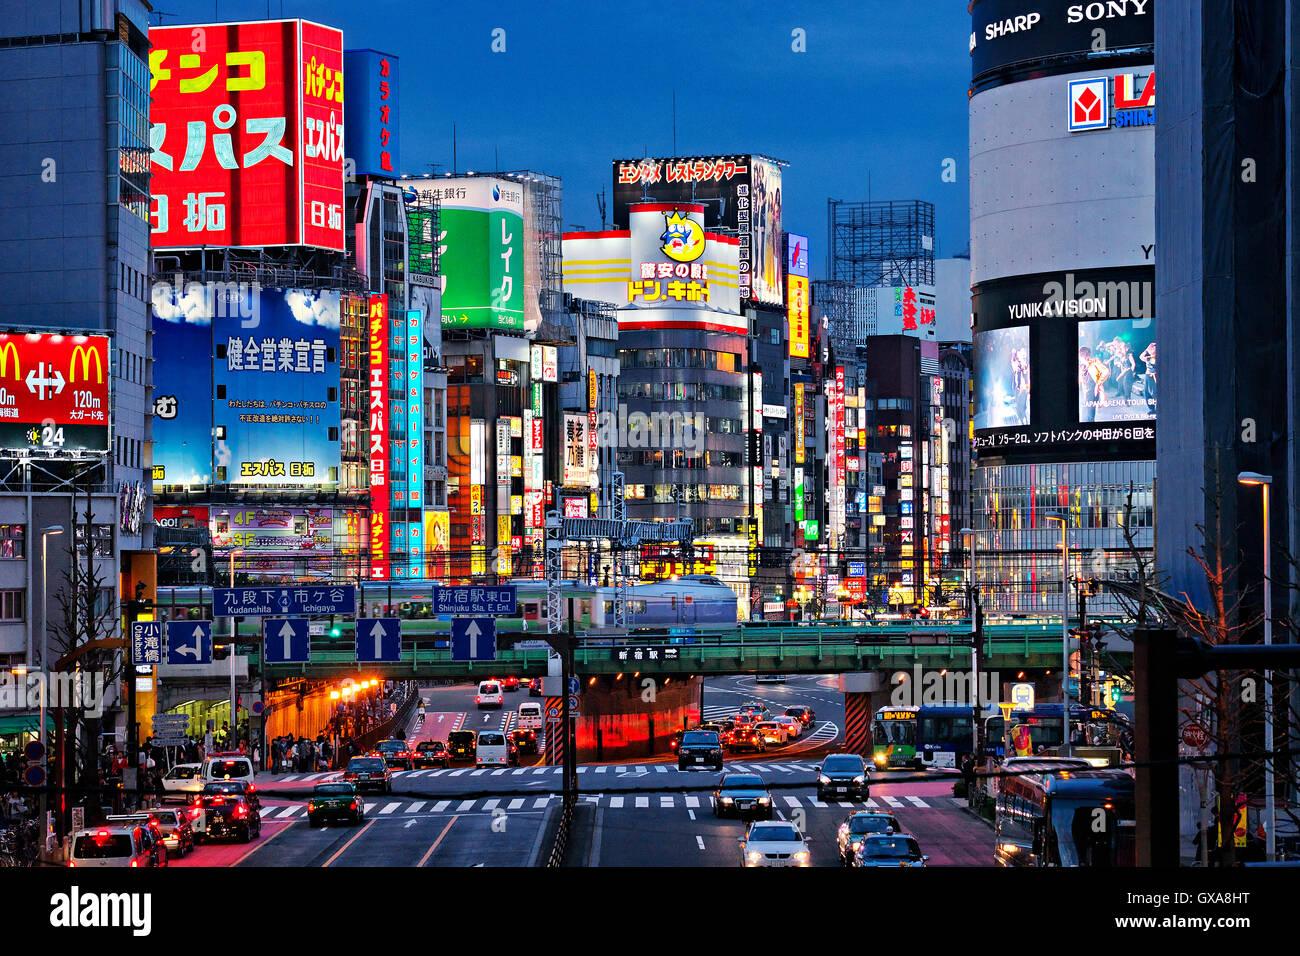 L'île de Honshu, Japon, Tokyo, Kanto, quartier de Shinjuku de nuit. Photo Stock